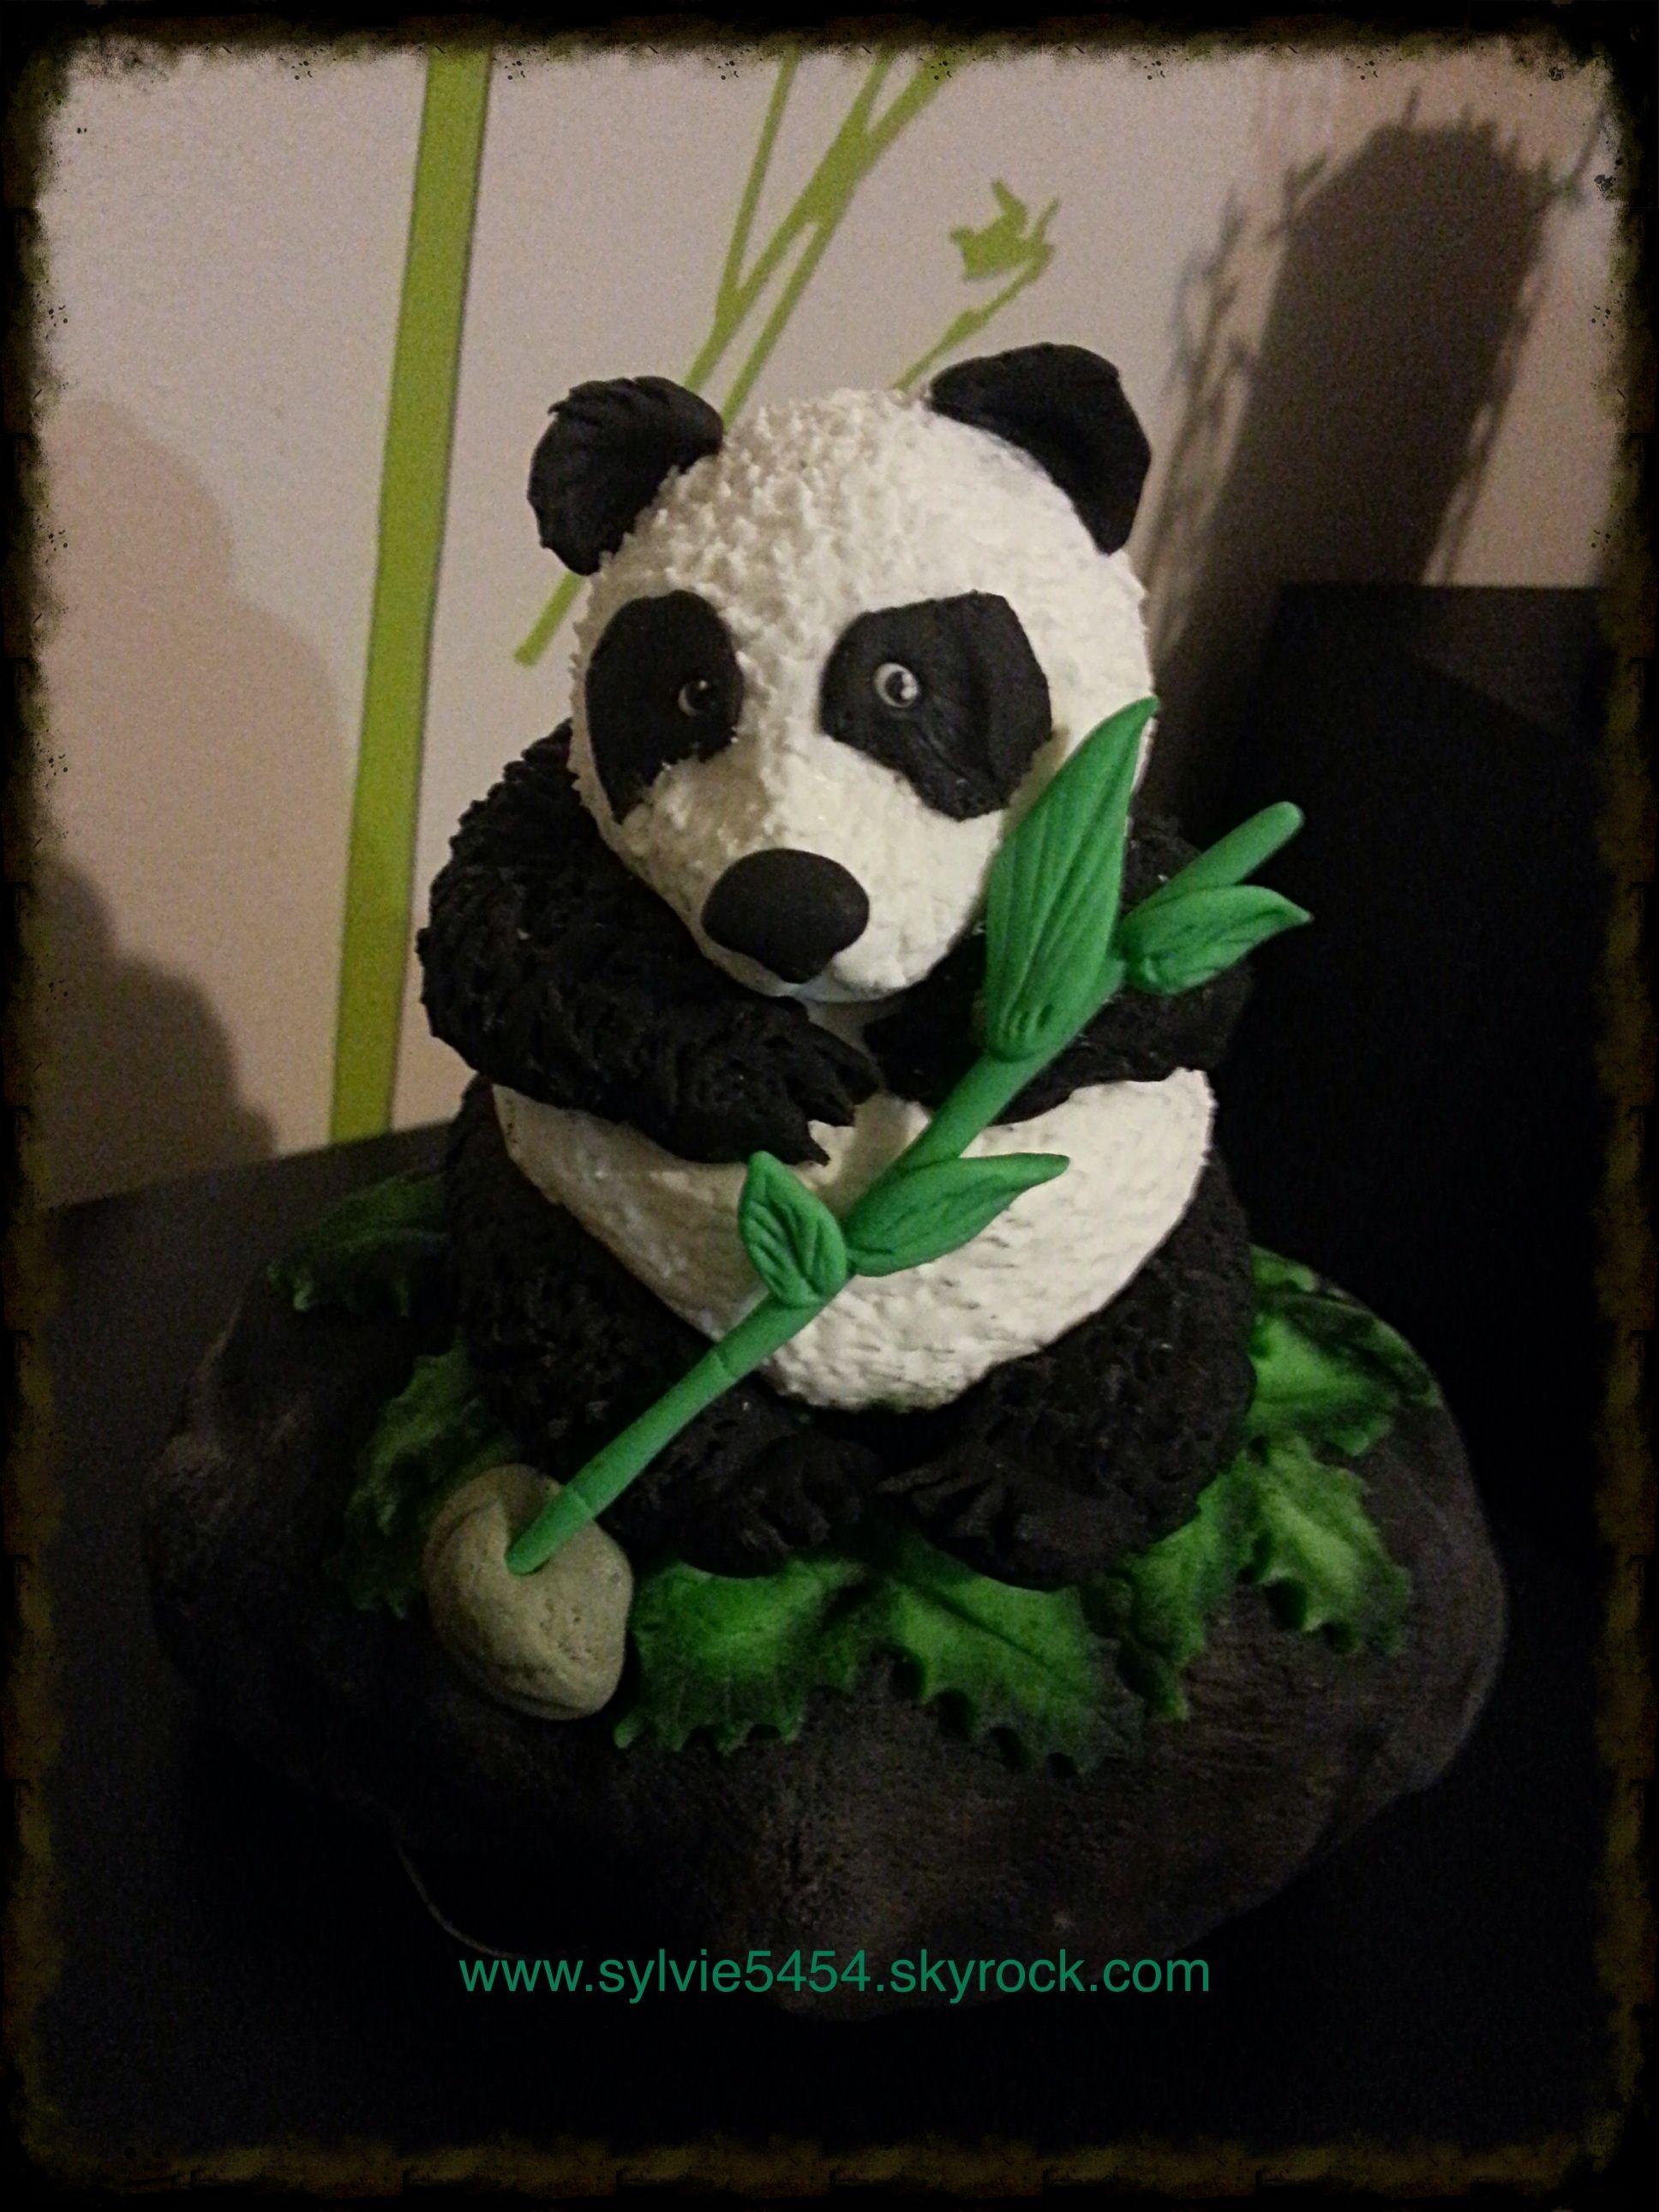 figurine quot panda en pate a sucre quot animaux pas figurine and pandas